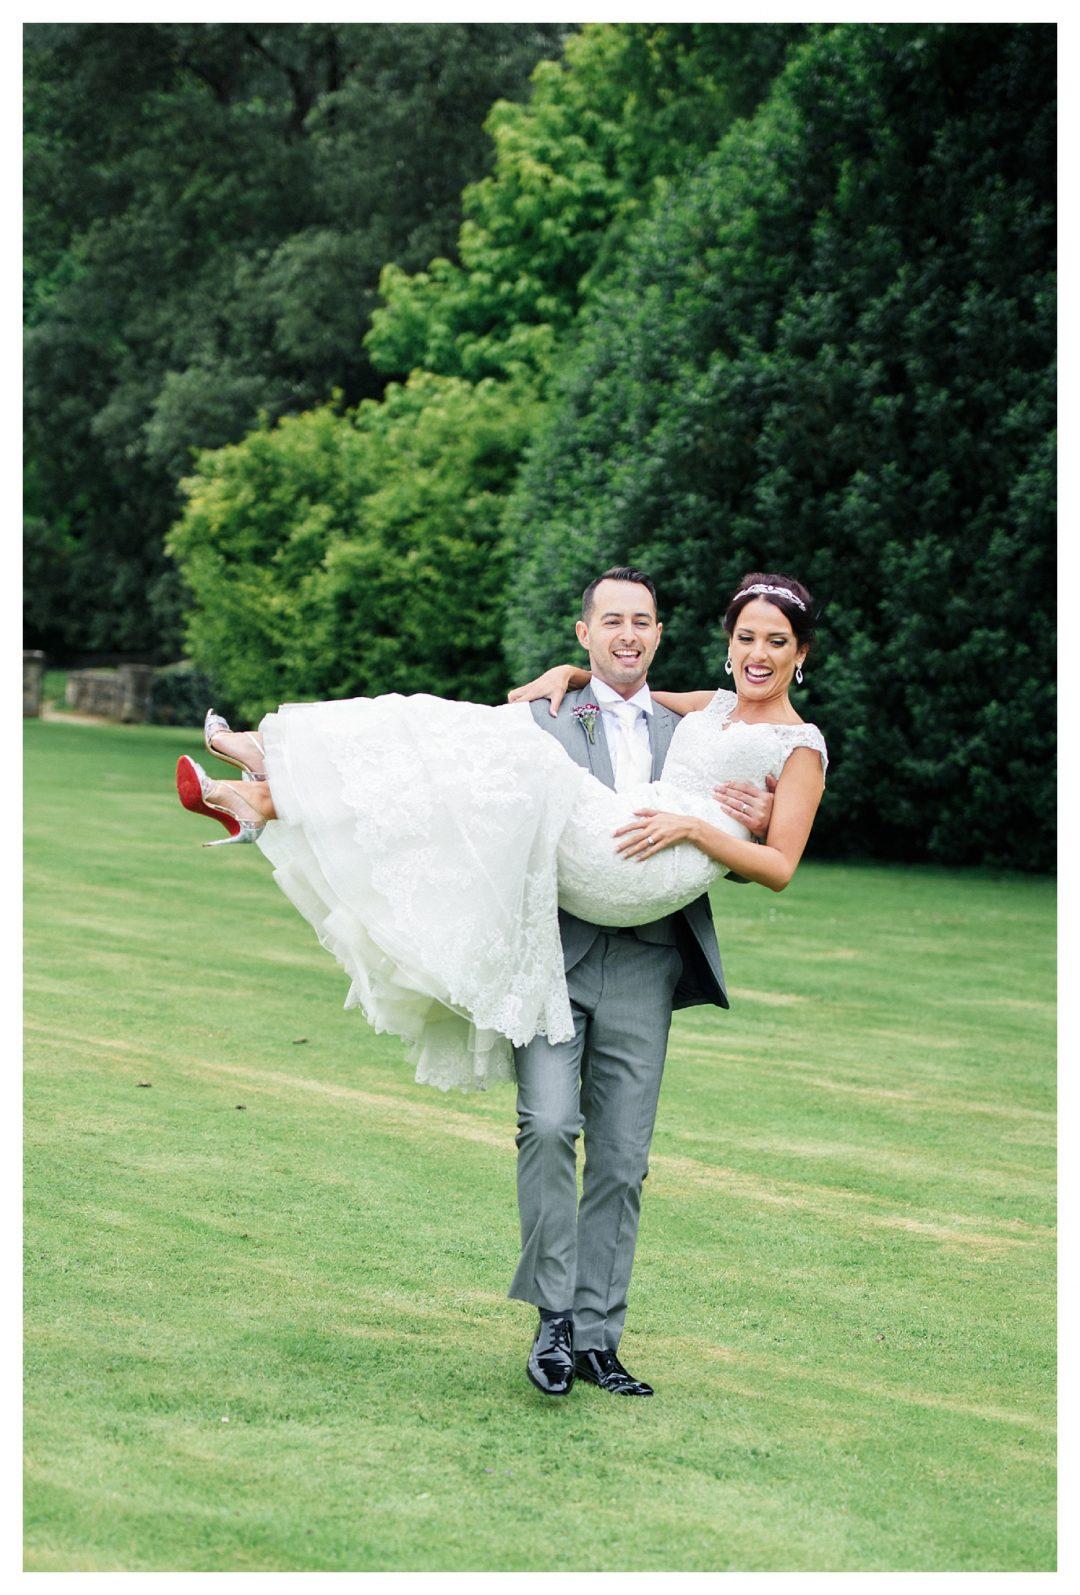 Matt & Laura's Wedding - weddings - nkimphotogrphy com notting hill 0521 1